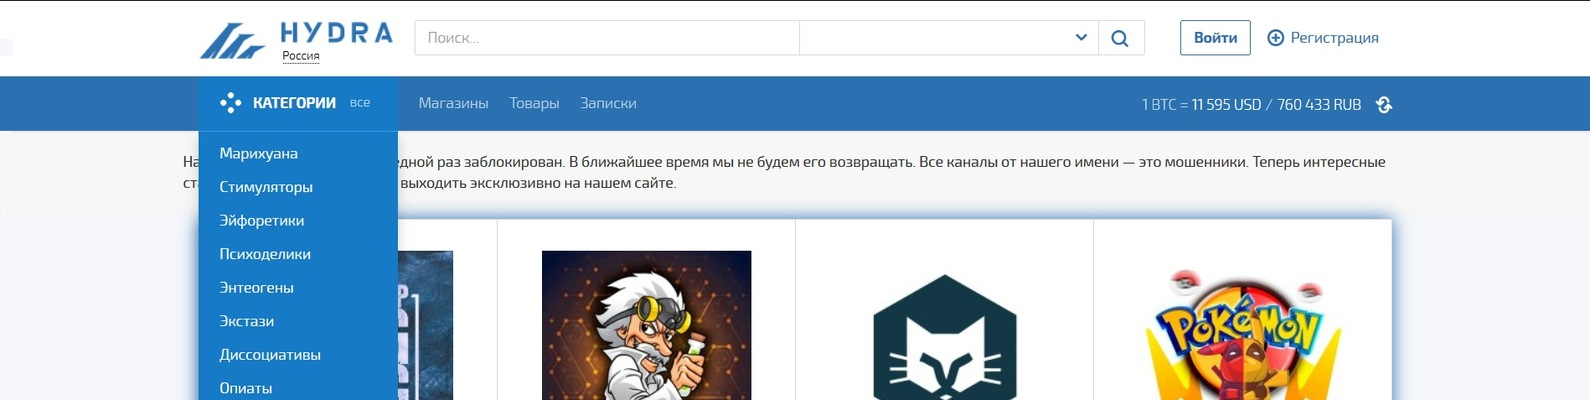 Тор браузер для андроида отзывы hydra tor browser мнение